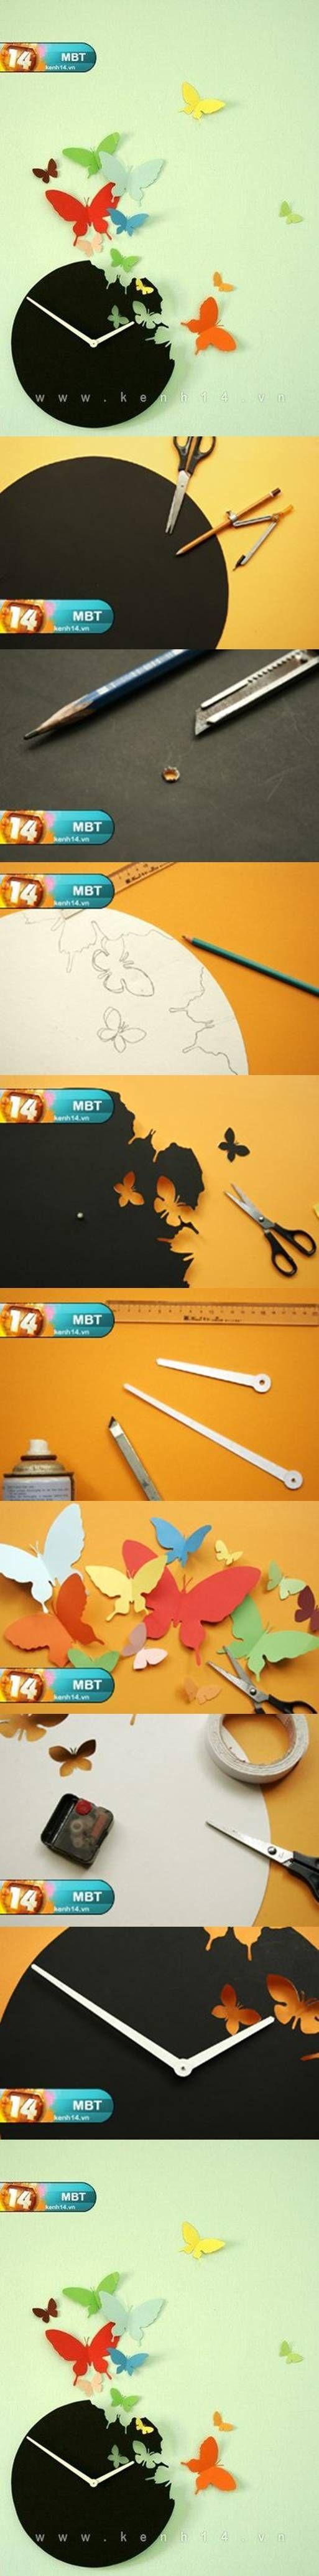 Horloge envol de papillons - Tuto / DIY